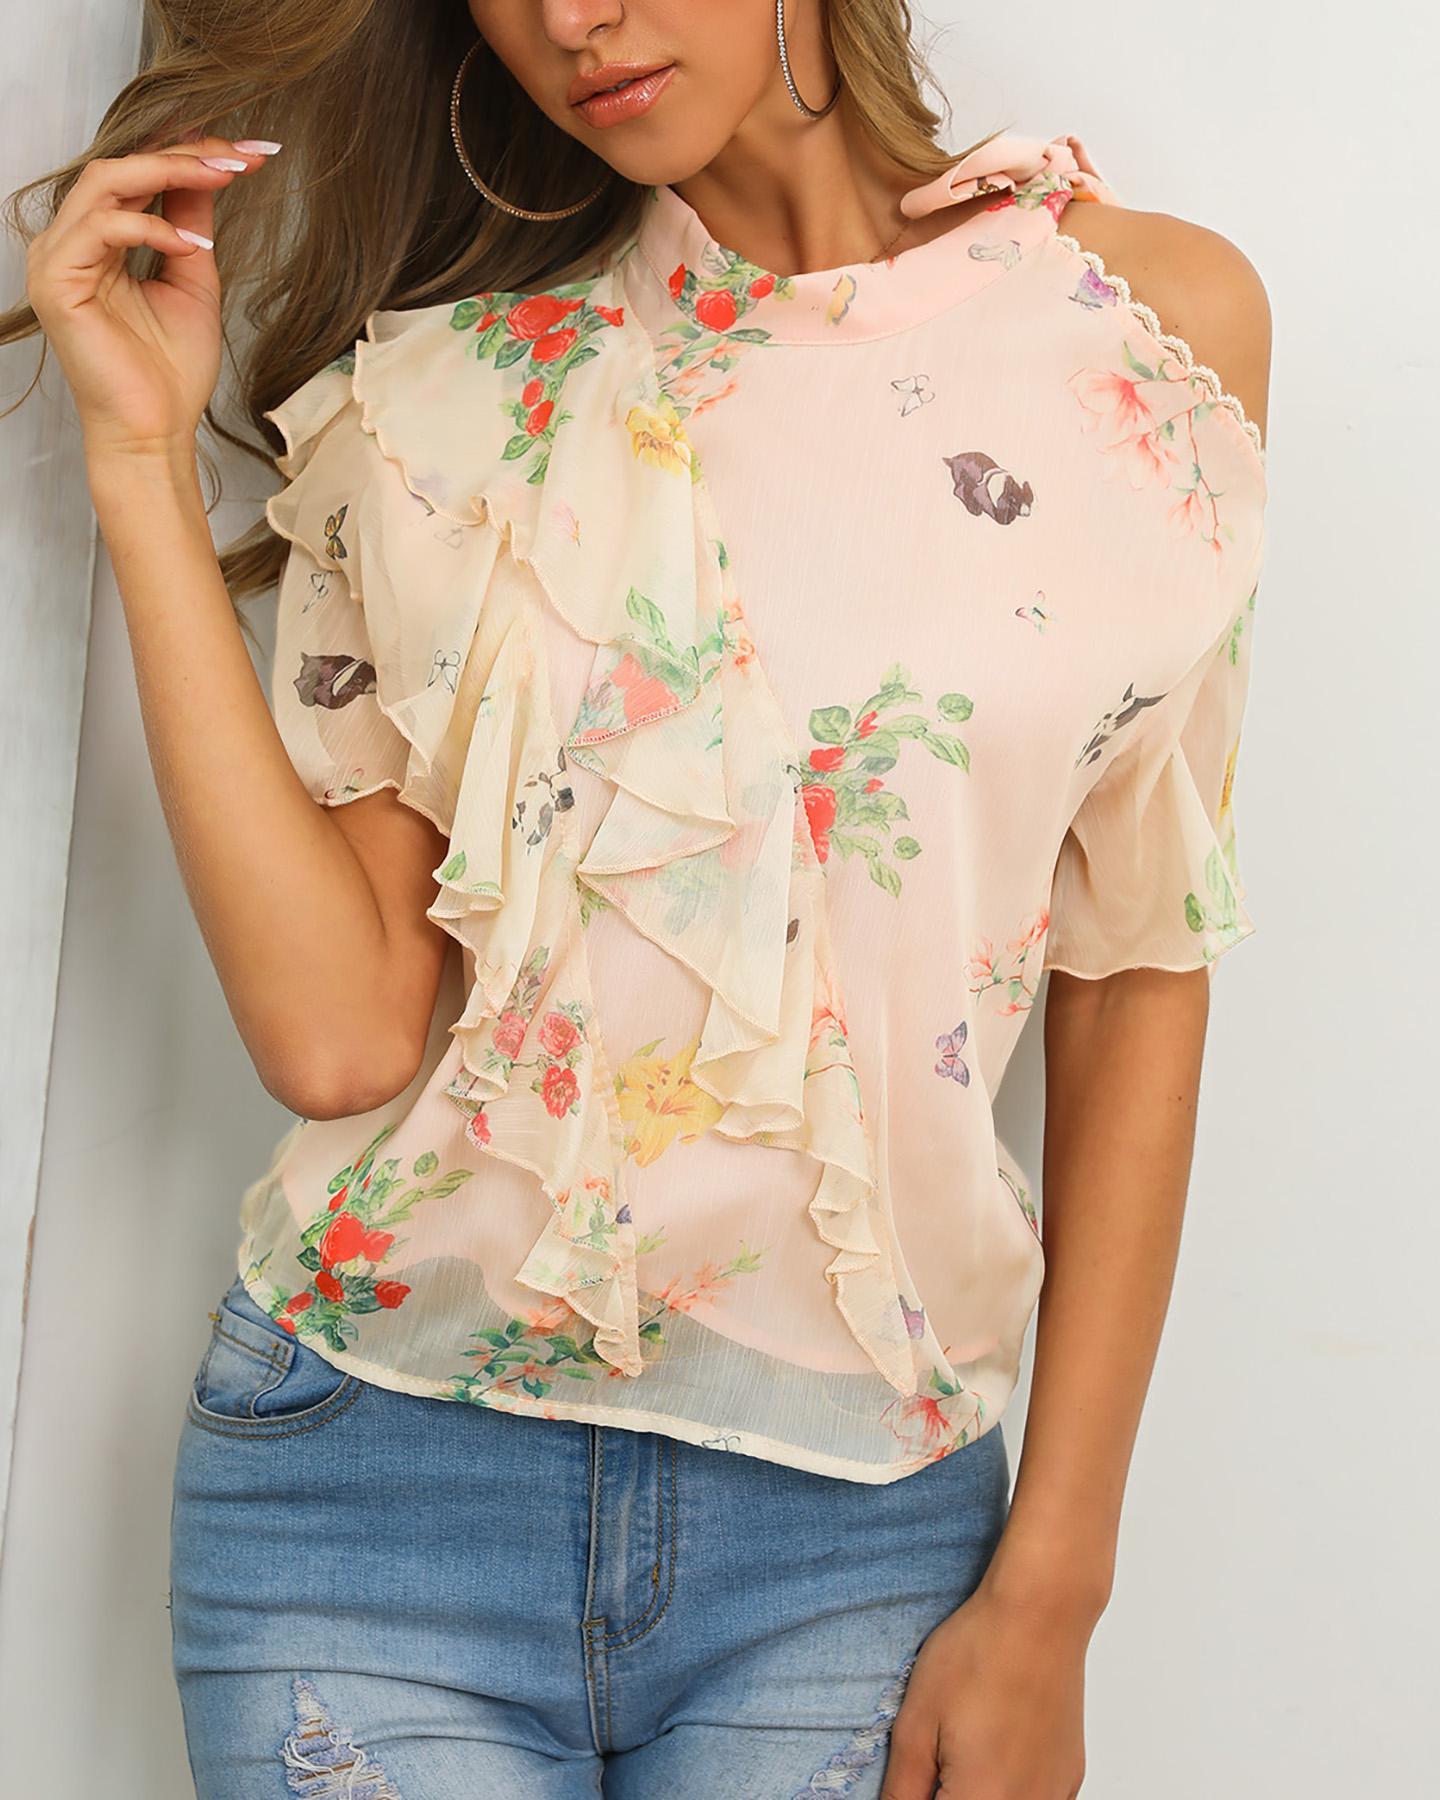 chicme / Blusa con estampado floral de hombros fríos